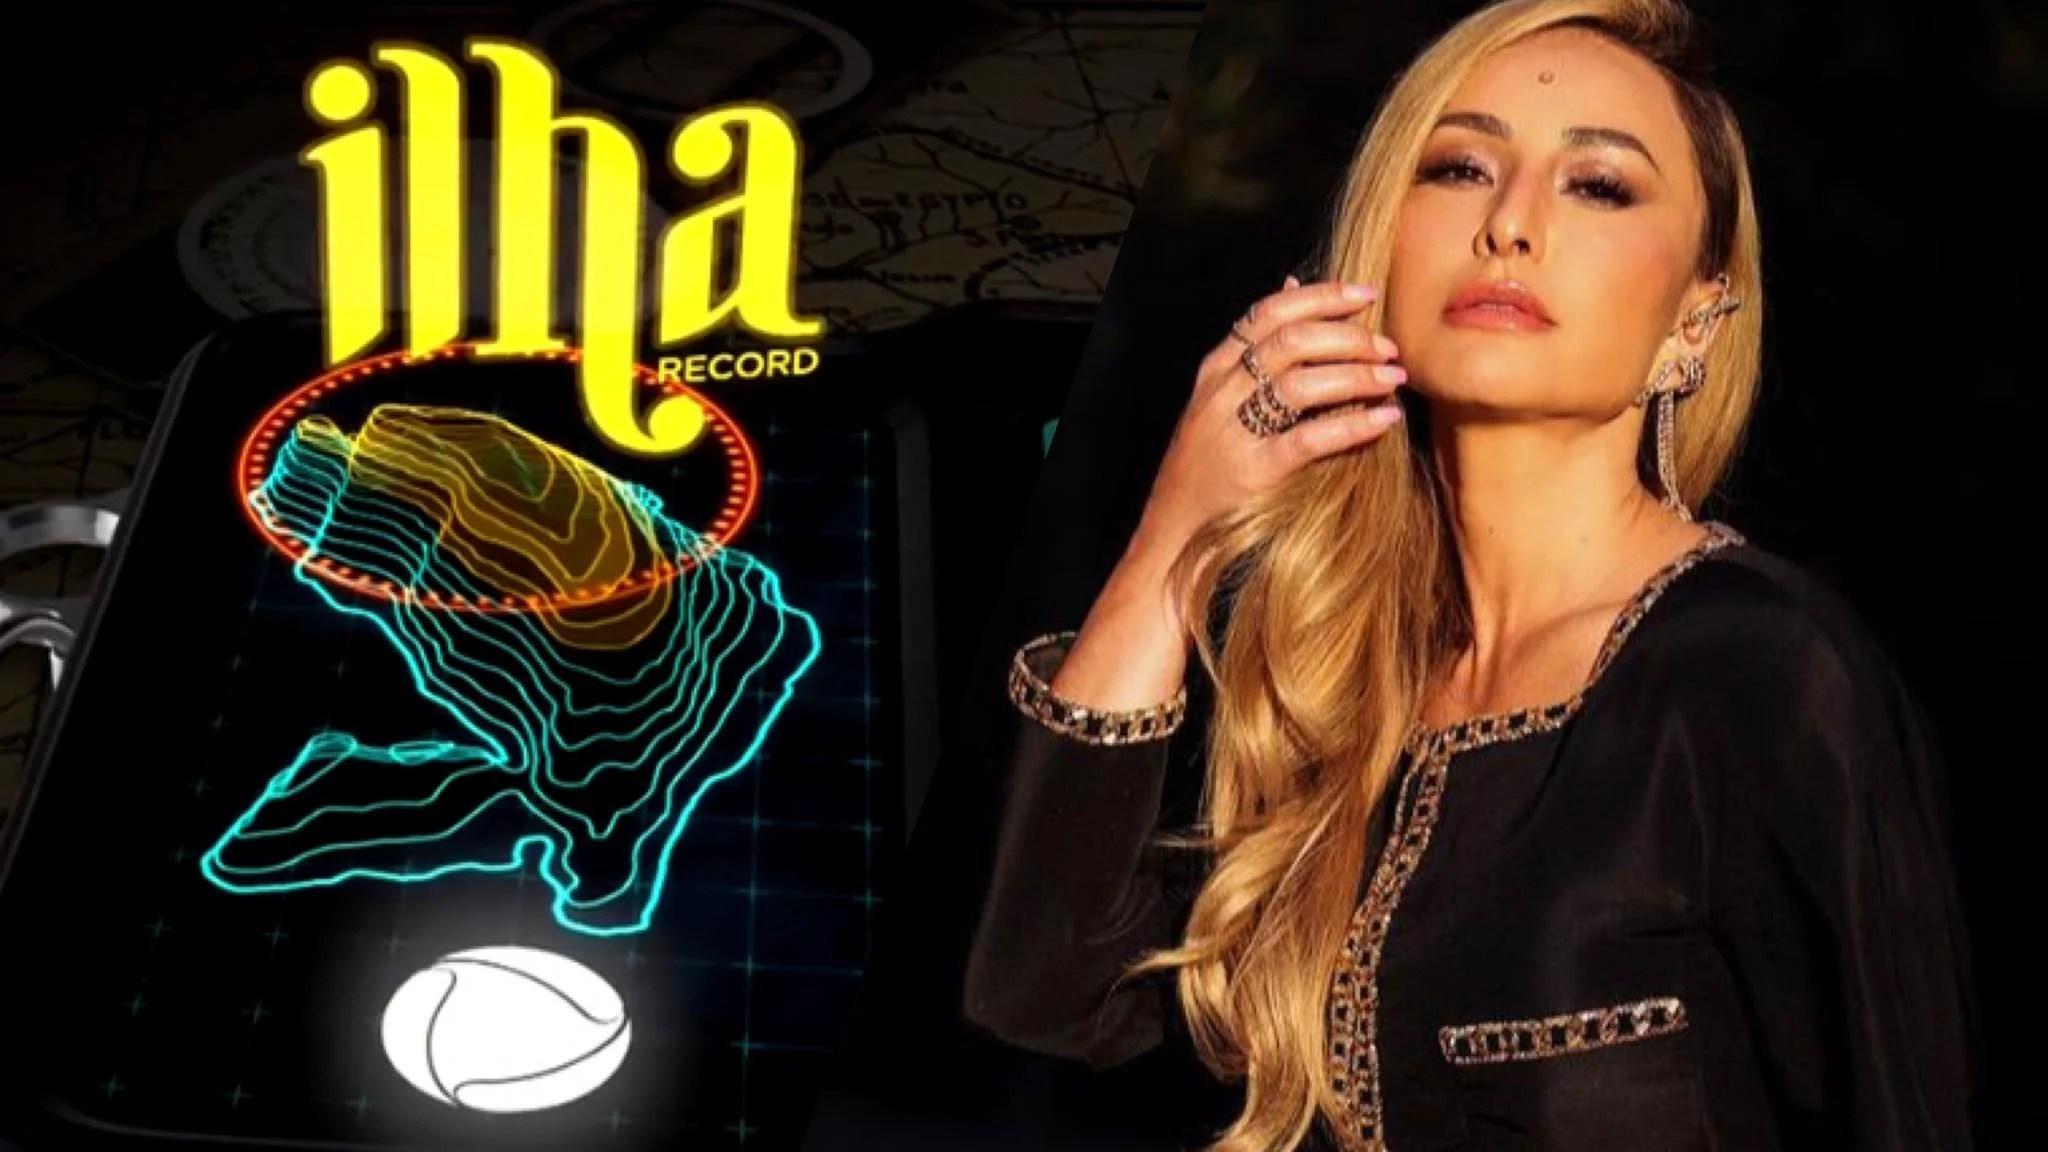 Quando começa o Ilha Record? A partir do dia 25 de julho, Sabrina Sato apresentará o novo reality da Record TV. Fonte: Montagem/ Fashion Bubbles